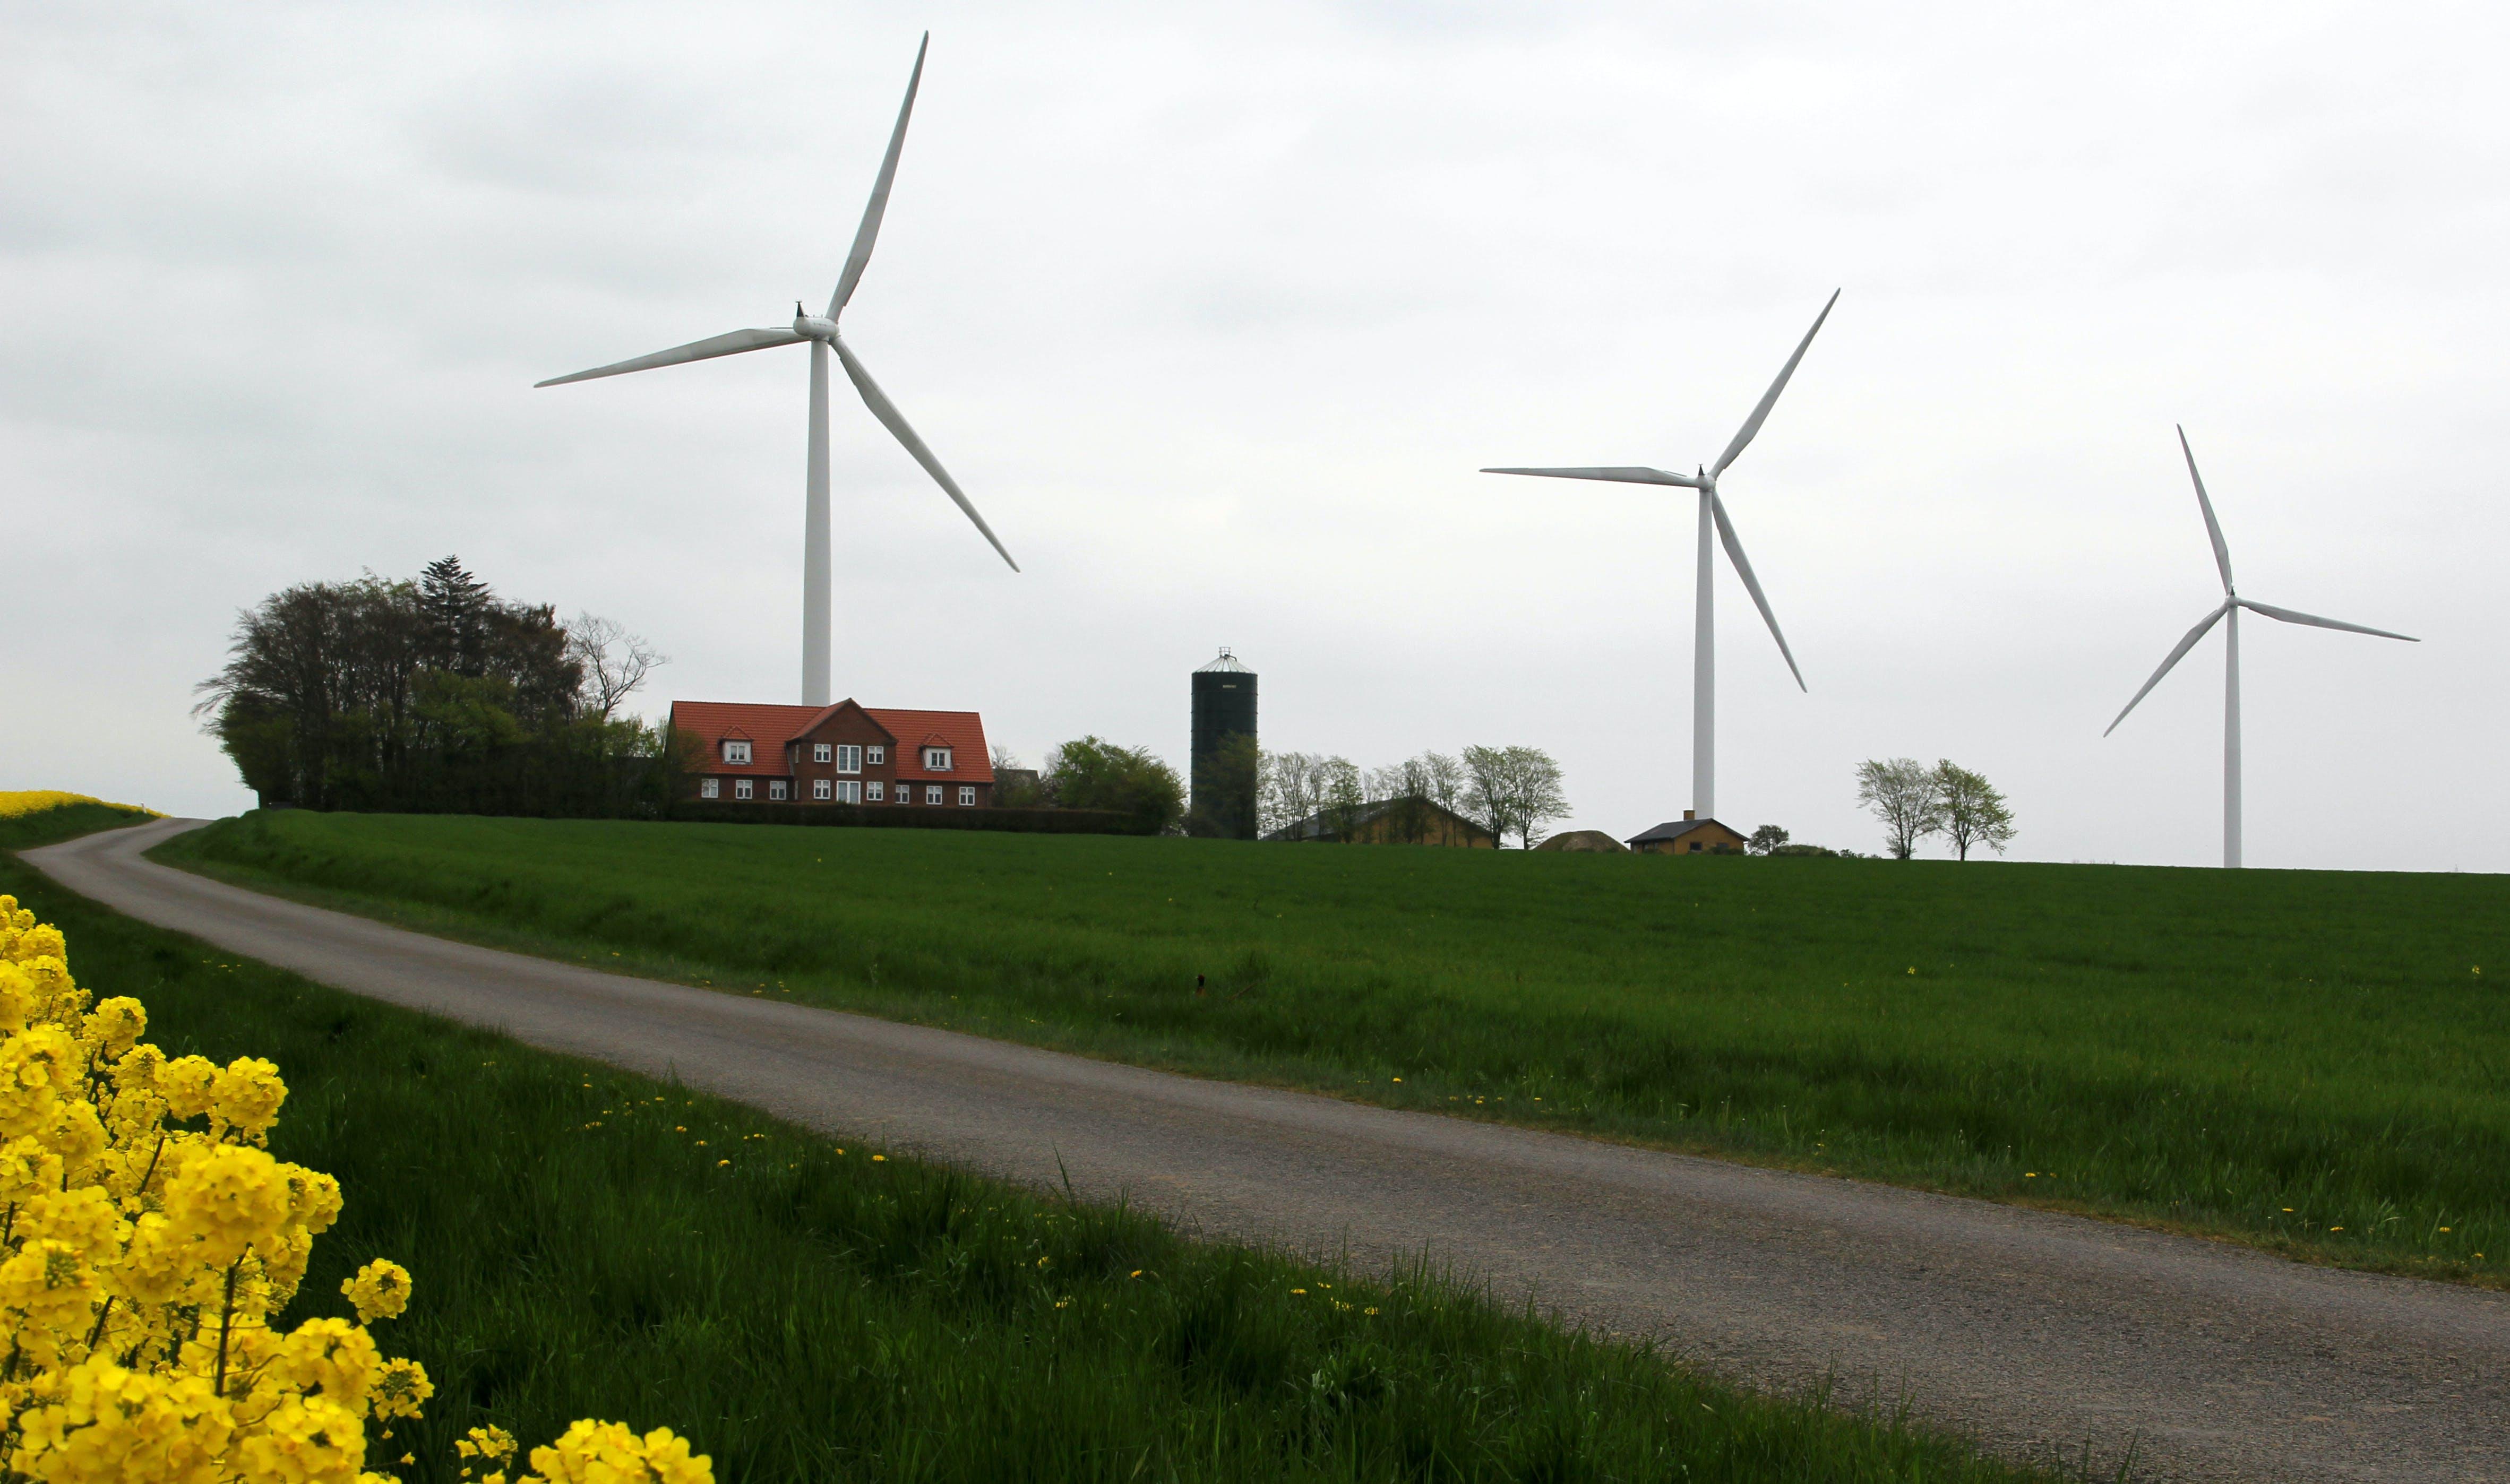 Vindmøllerne snurrer på Bornholm, og klippeøen har nu vundet EU's pris for den mest ambitiøse ø, når det gælder grøn strøm. Foto: Lis Eilsøe